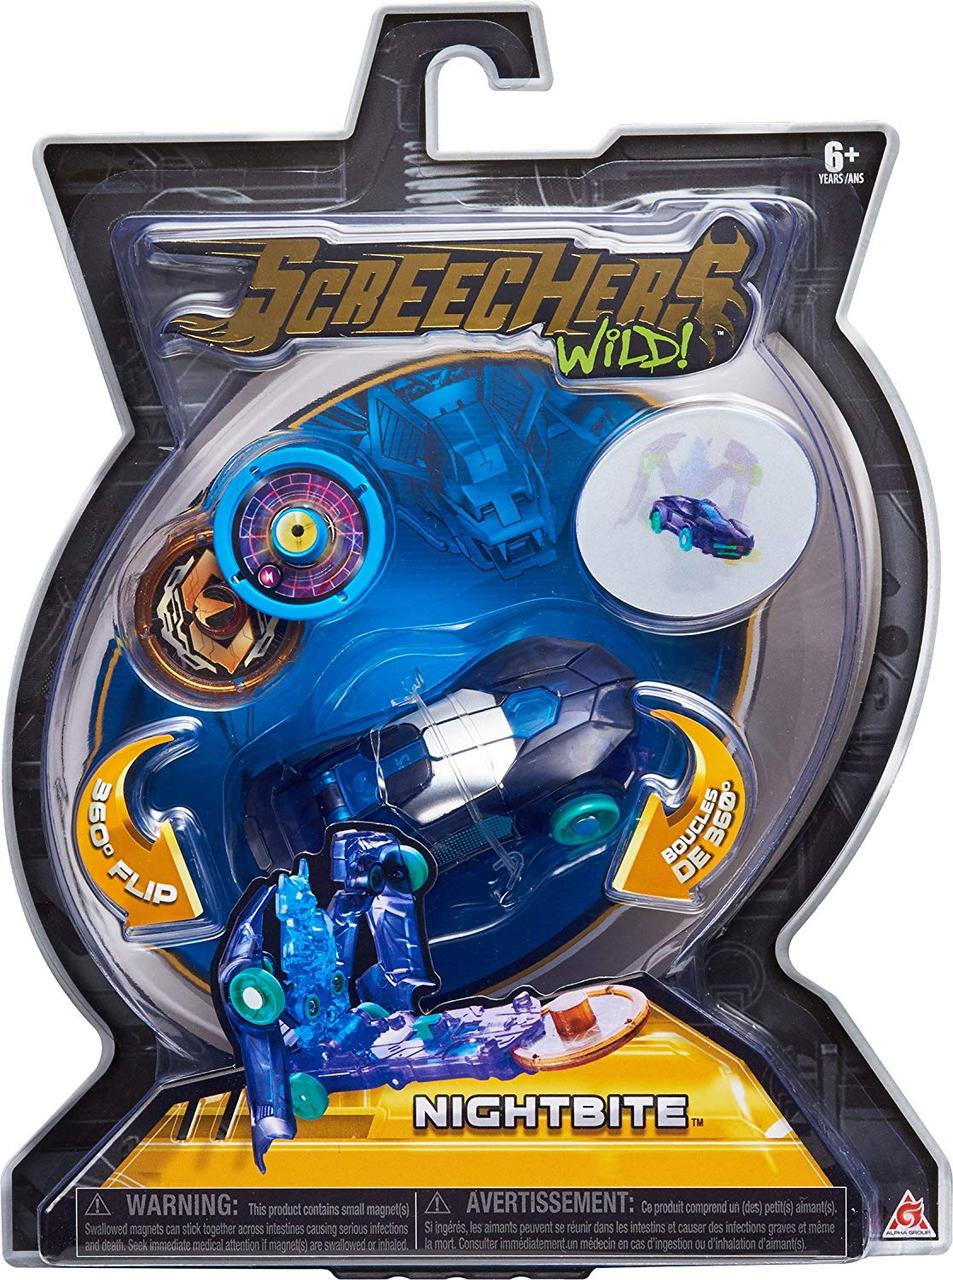 Машинка-трансформер Скричерс - Найтбайт - Уровень 1 / Screechers Wild - Nitebite - Level 1